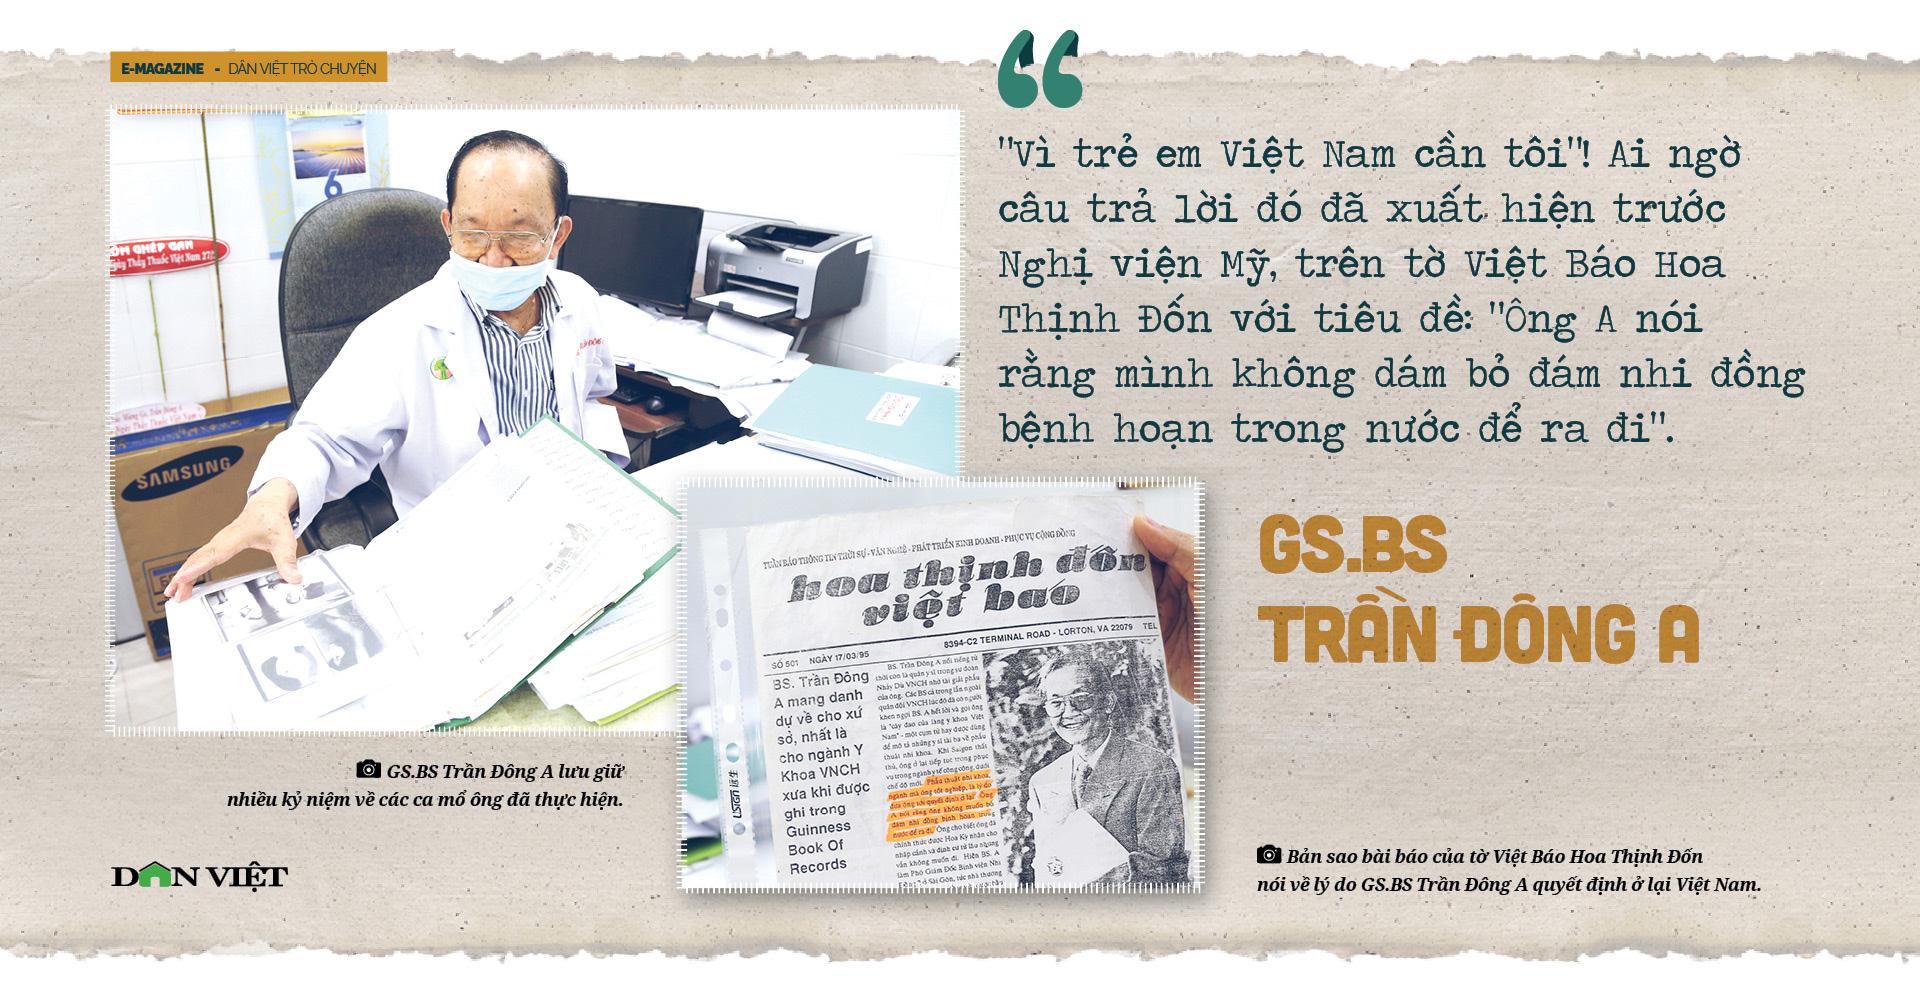 Giáo sư bác sĩ Trần Đông A: Sứ giả hòa giải dân tộc và nụ cười tận hiến - Ảnh 8.